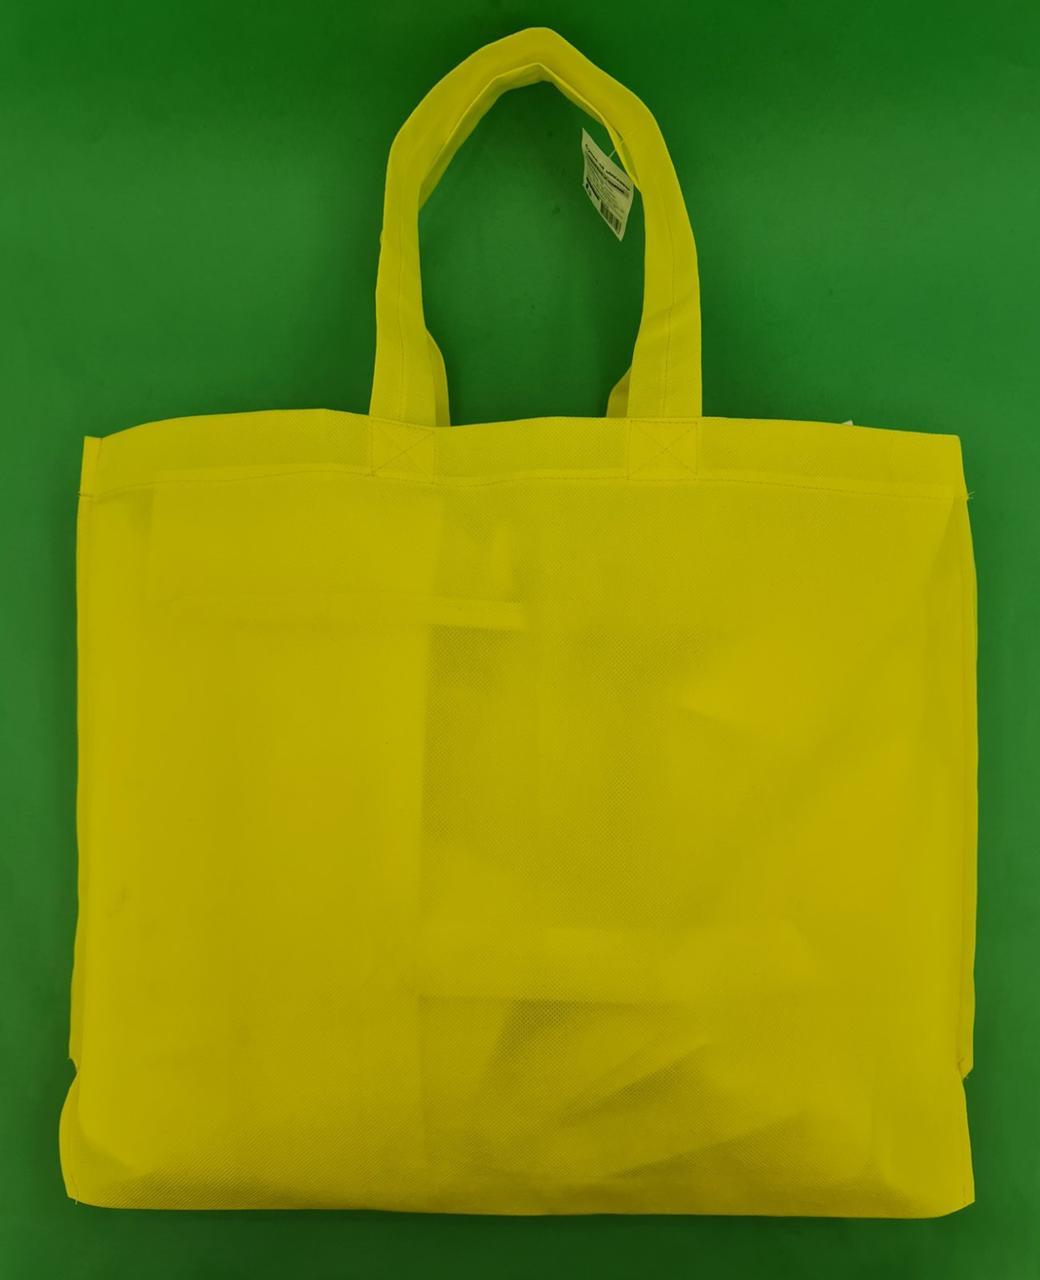 Сумка на блискавці жовтий (спанбонд) 38х53 см (1 шт)